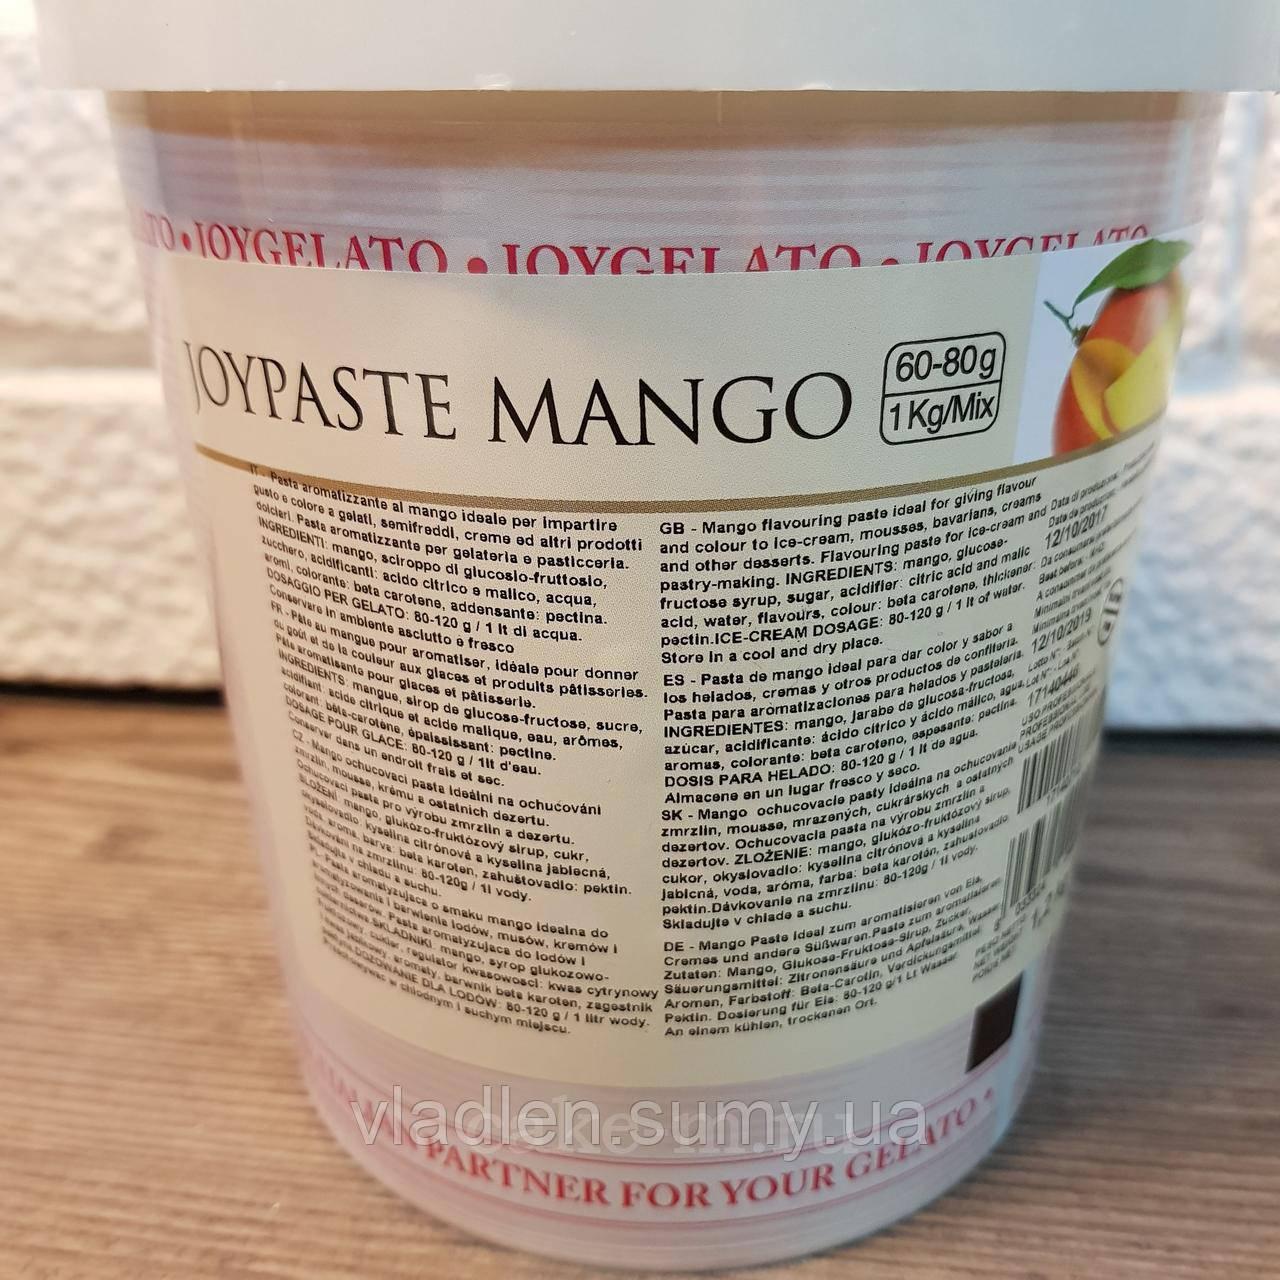 """Ароматизированная паста со вкусом манго """"Joypaste Mango"""", Италия (фасовка 1,2 кг)"""